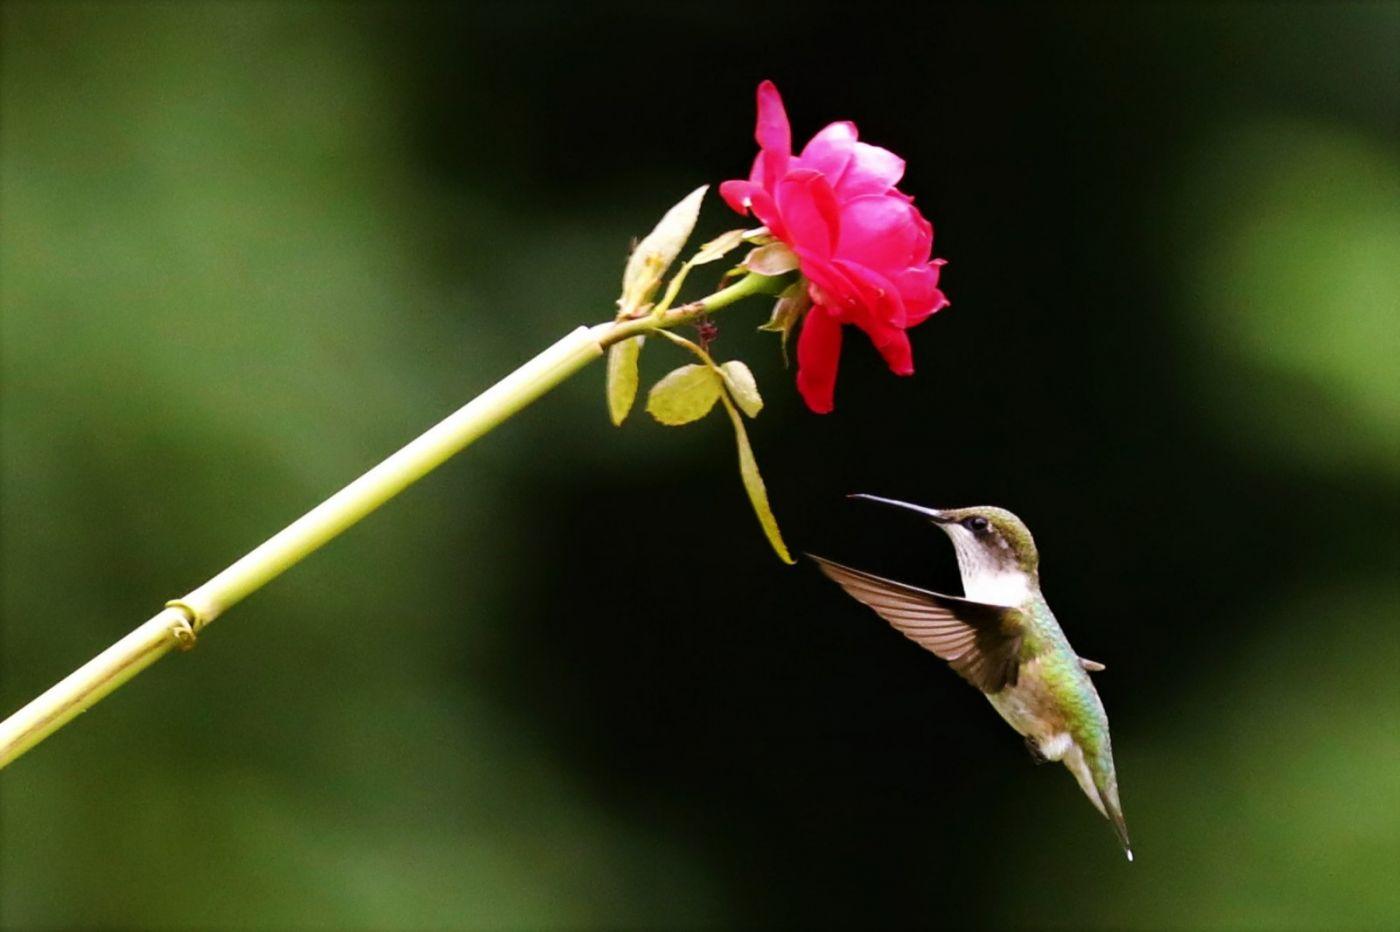 【爱摄影】追拍蜂鸟_图1-8